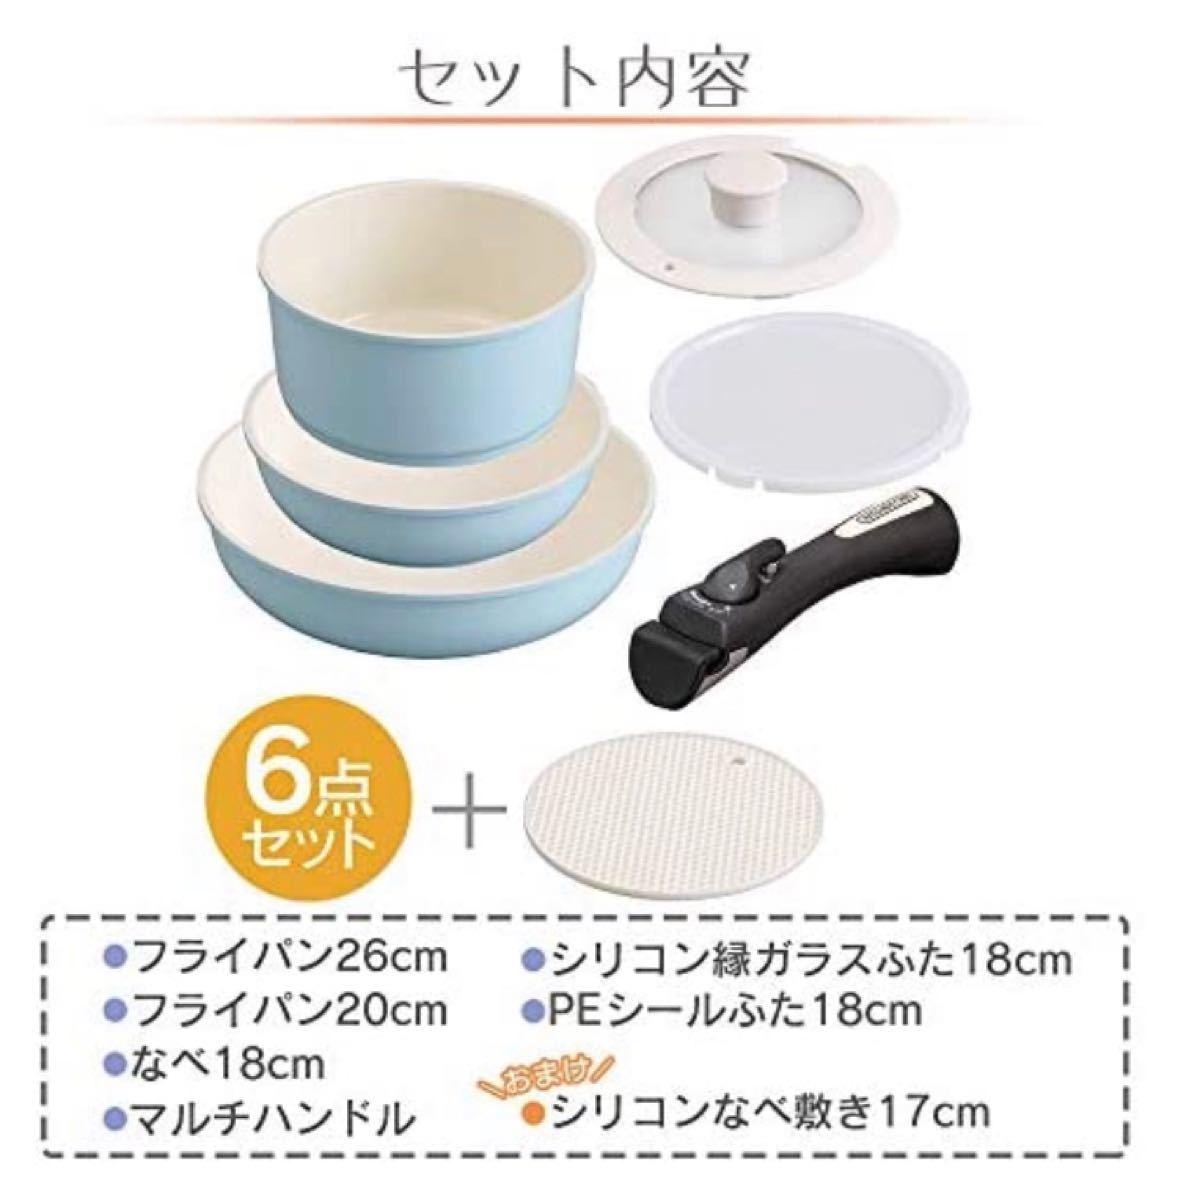 アイリスオーヤマ(IRIS OHYAMA) フライパン 鍋 6点 セット IH対応 ふた セラミックカラーパン ブルー 新品